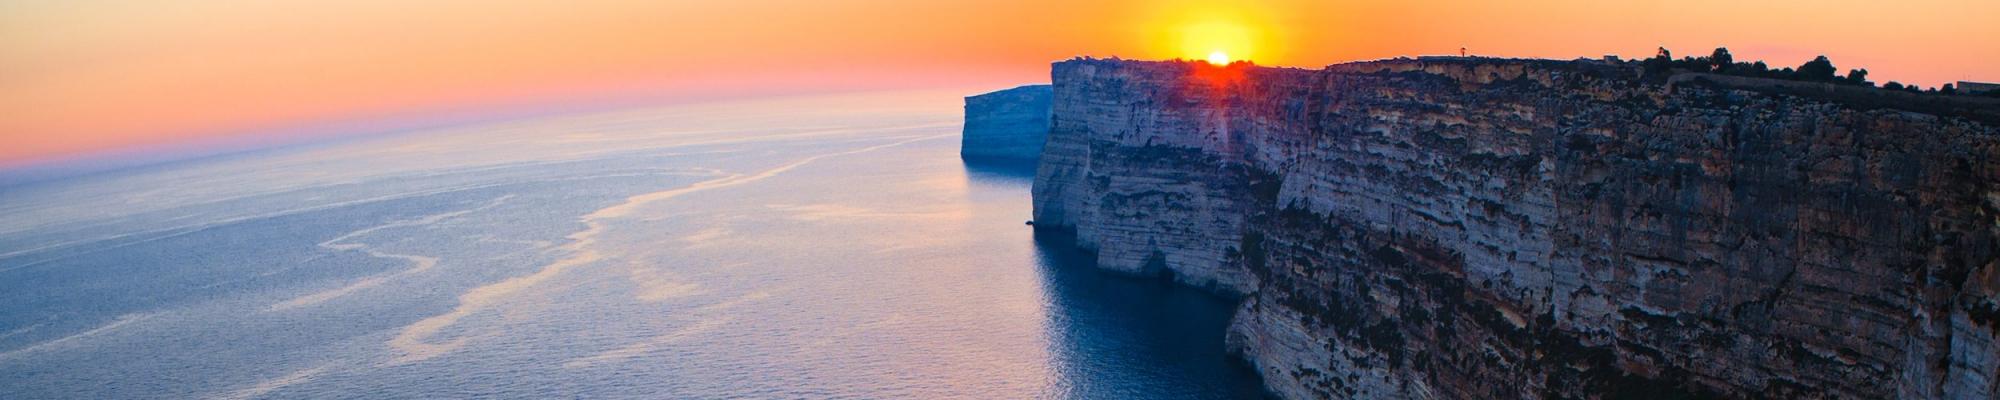 Îles Malte